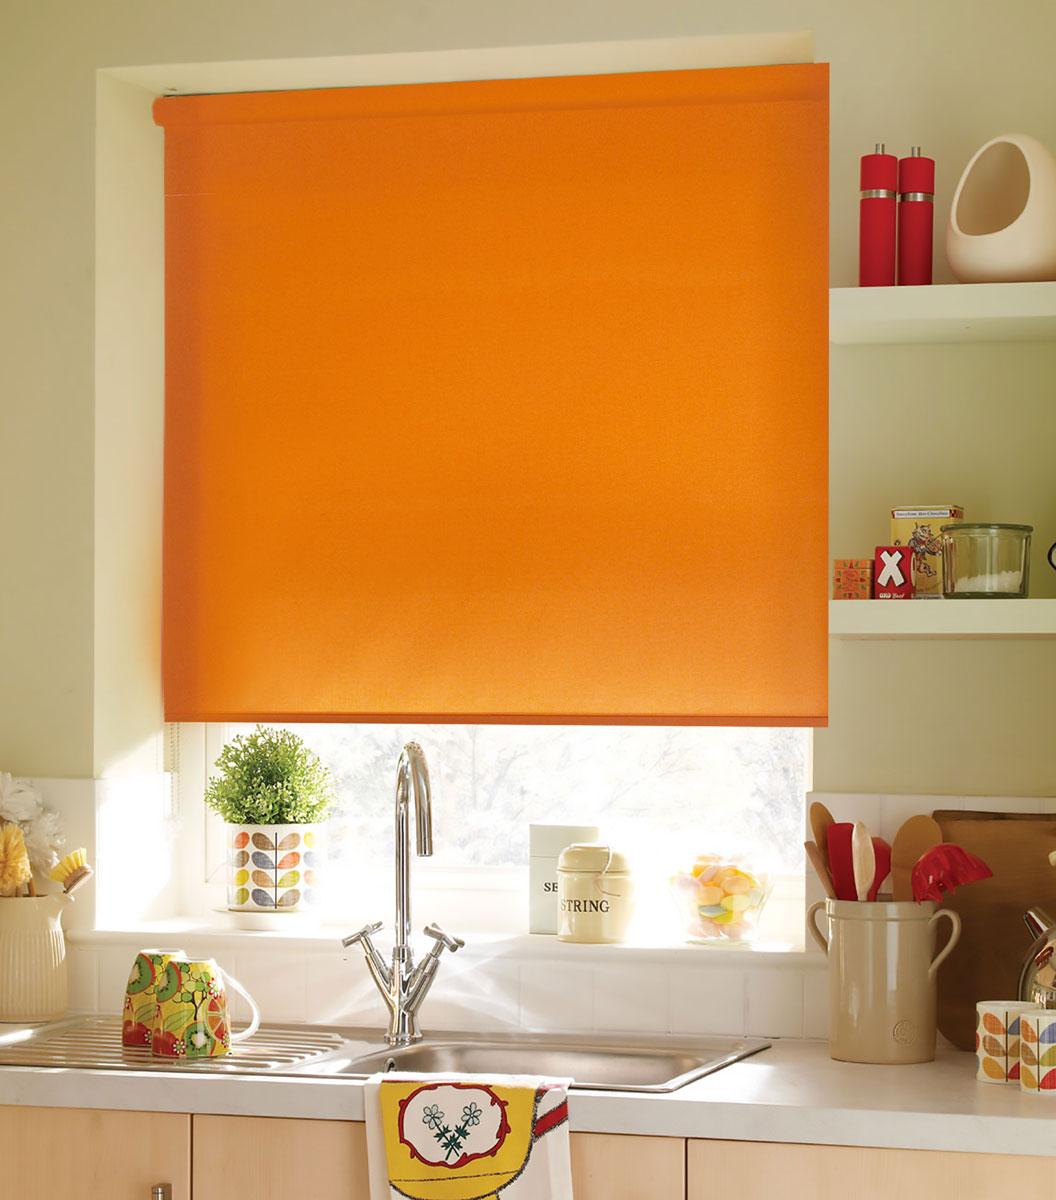 Штора рулонная KauffOrt Миниролло, цвет: оранжевый, ширина 68 см, высота 170 см3068203Рулонная штора KauffOrt Миниролло выполнена из высокопрочной ткани, которая сохраняет свой размер даже при намокании. Ткань не выцветает и обладает отличной цветоустойчивостью.Миниролло - это подвид рулонных штор, который закрывает не весь оконный проем, а непосредственно само стекло. Такие шторы крепятся на раму без сверления при помощи зажимов или клейкой двухсторонней ленты (в комплекте). Окно остается на гарантии, благодаря монтажу без сверления. Такая штора станет прекрасным элементом декора окна и гармонично впишется в интерьер любого помещения.